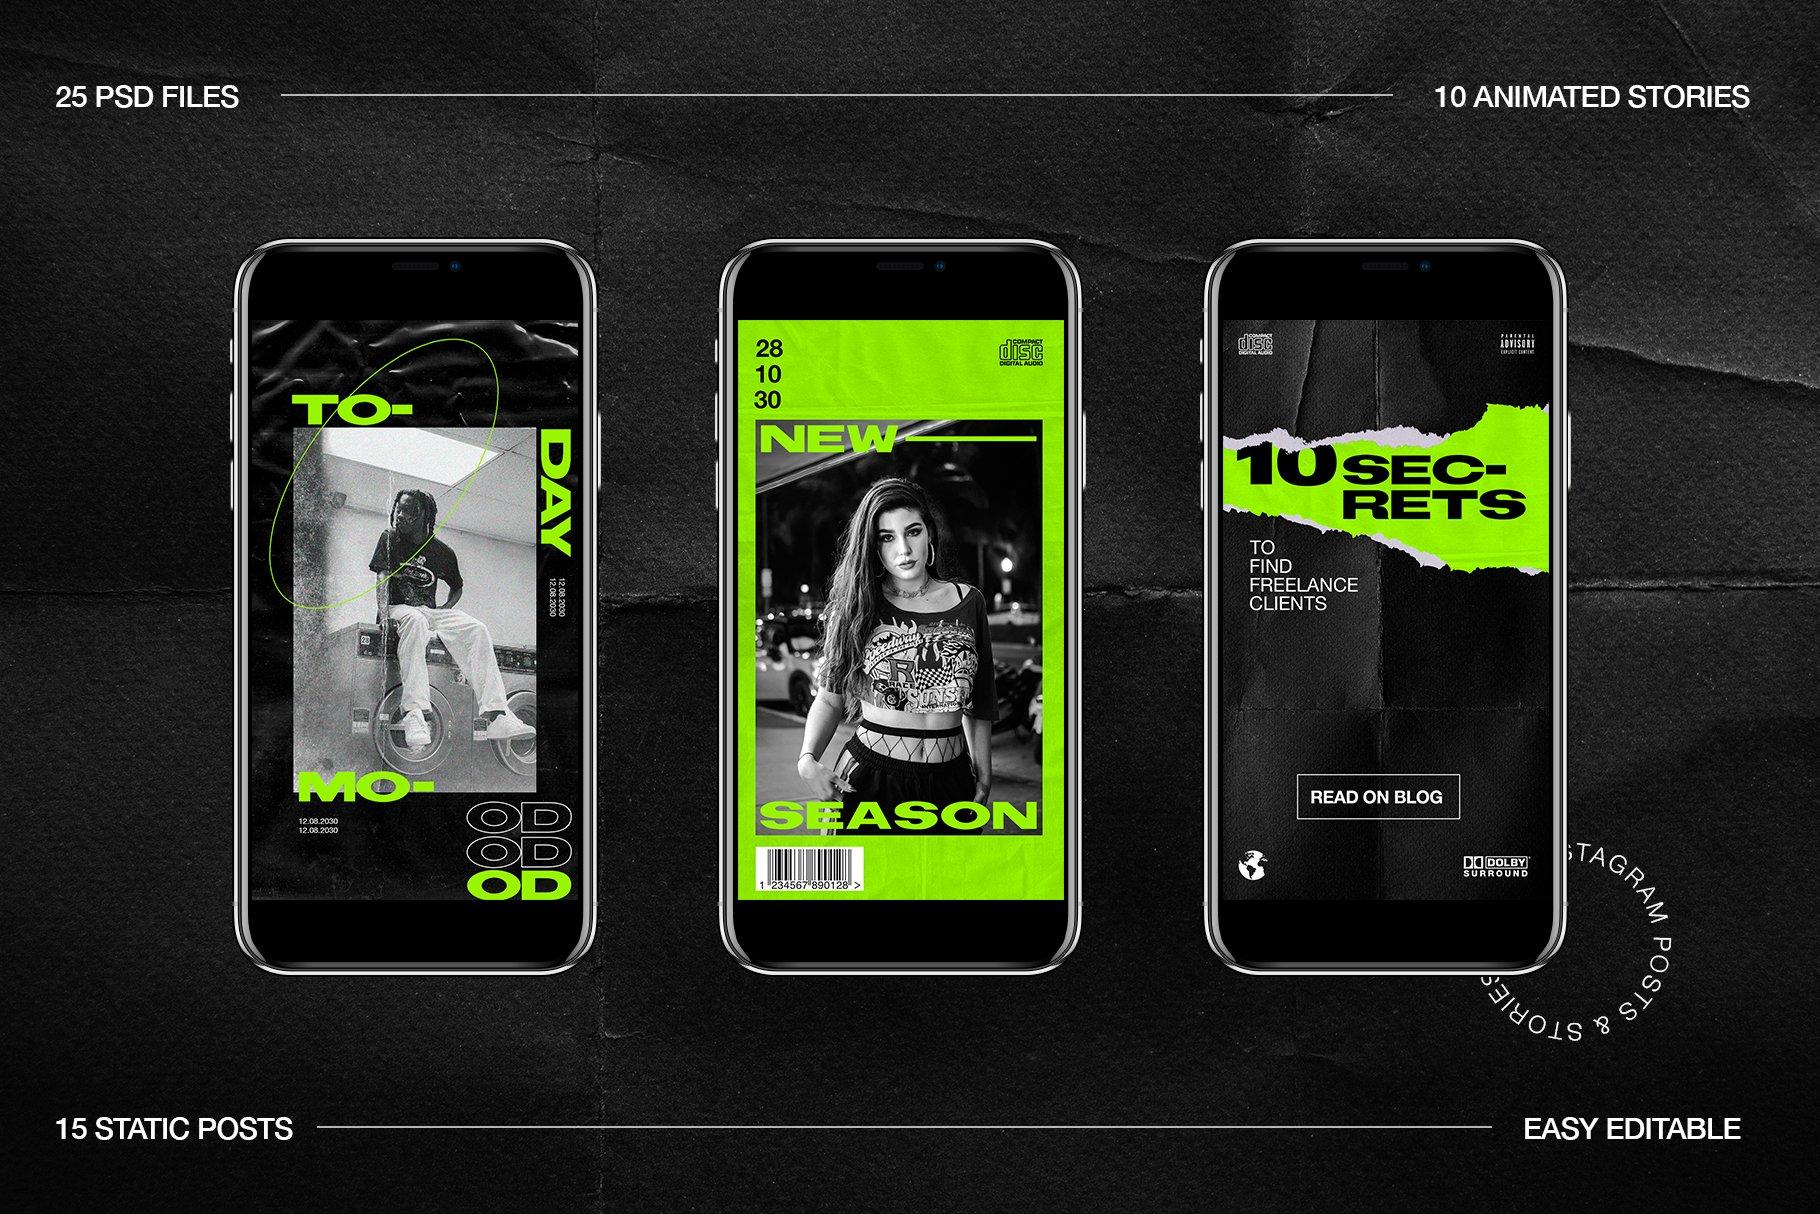 [淘宝购买] 潮流霓虹撕纸效果新媒体推广电商海报设计PSD模板 Neon Instagram Posts & Stories插图(10)